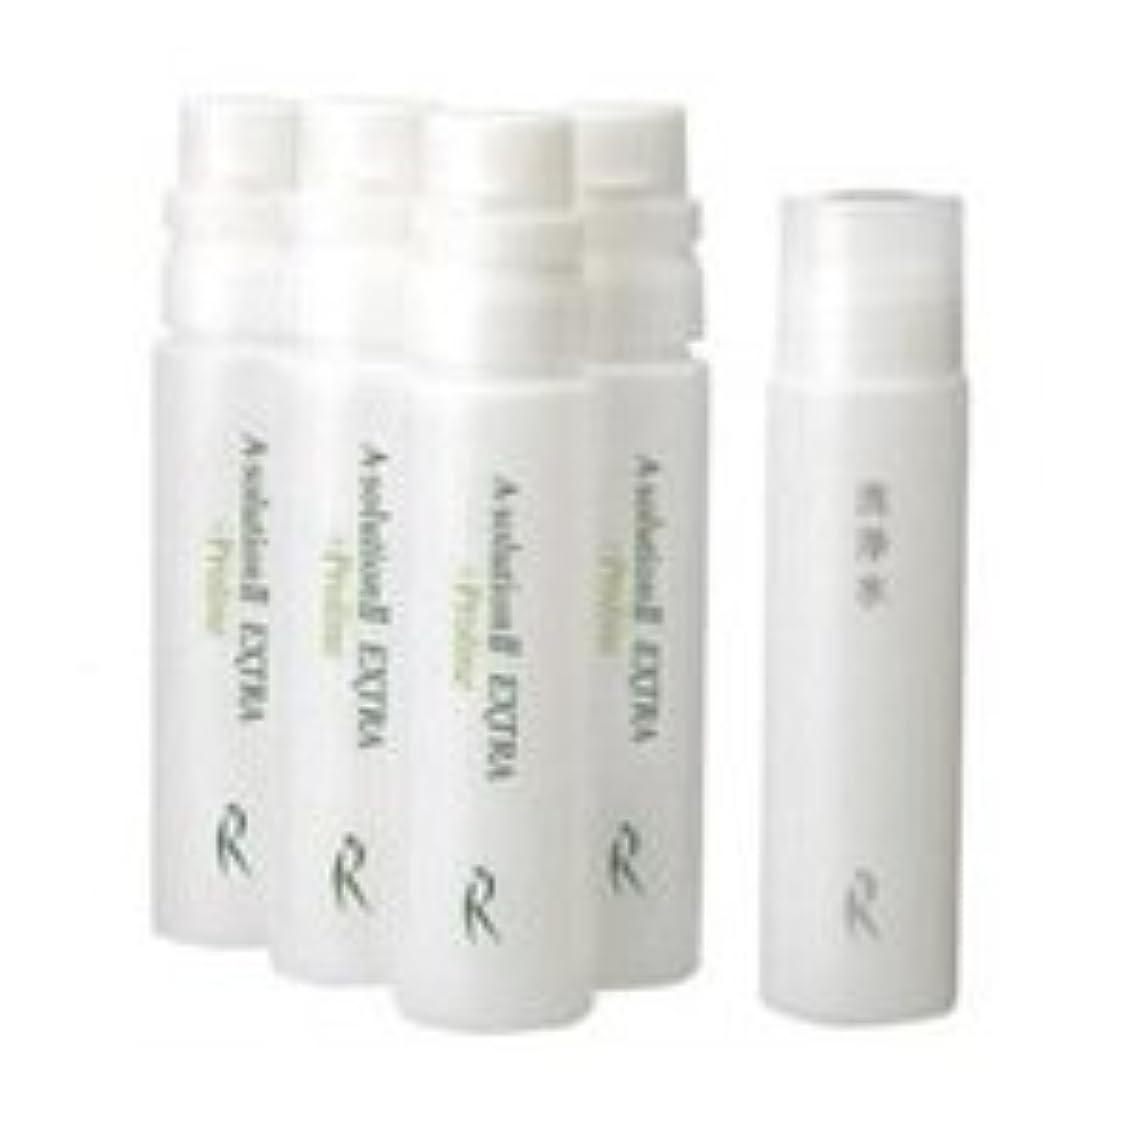 確立ロンドン労苦A-ソリューション エクストラ+プロリン / REVENIR  レブニール プラチナアクイシモ専用美容液